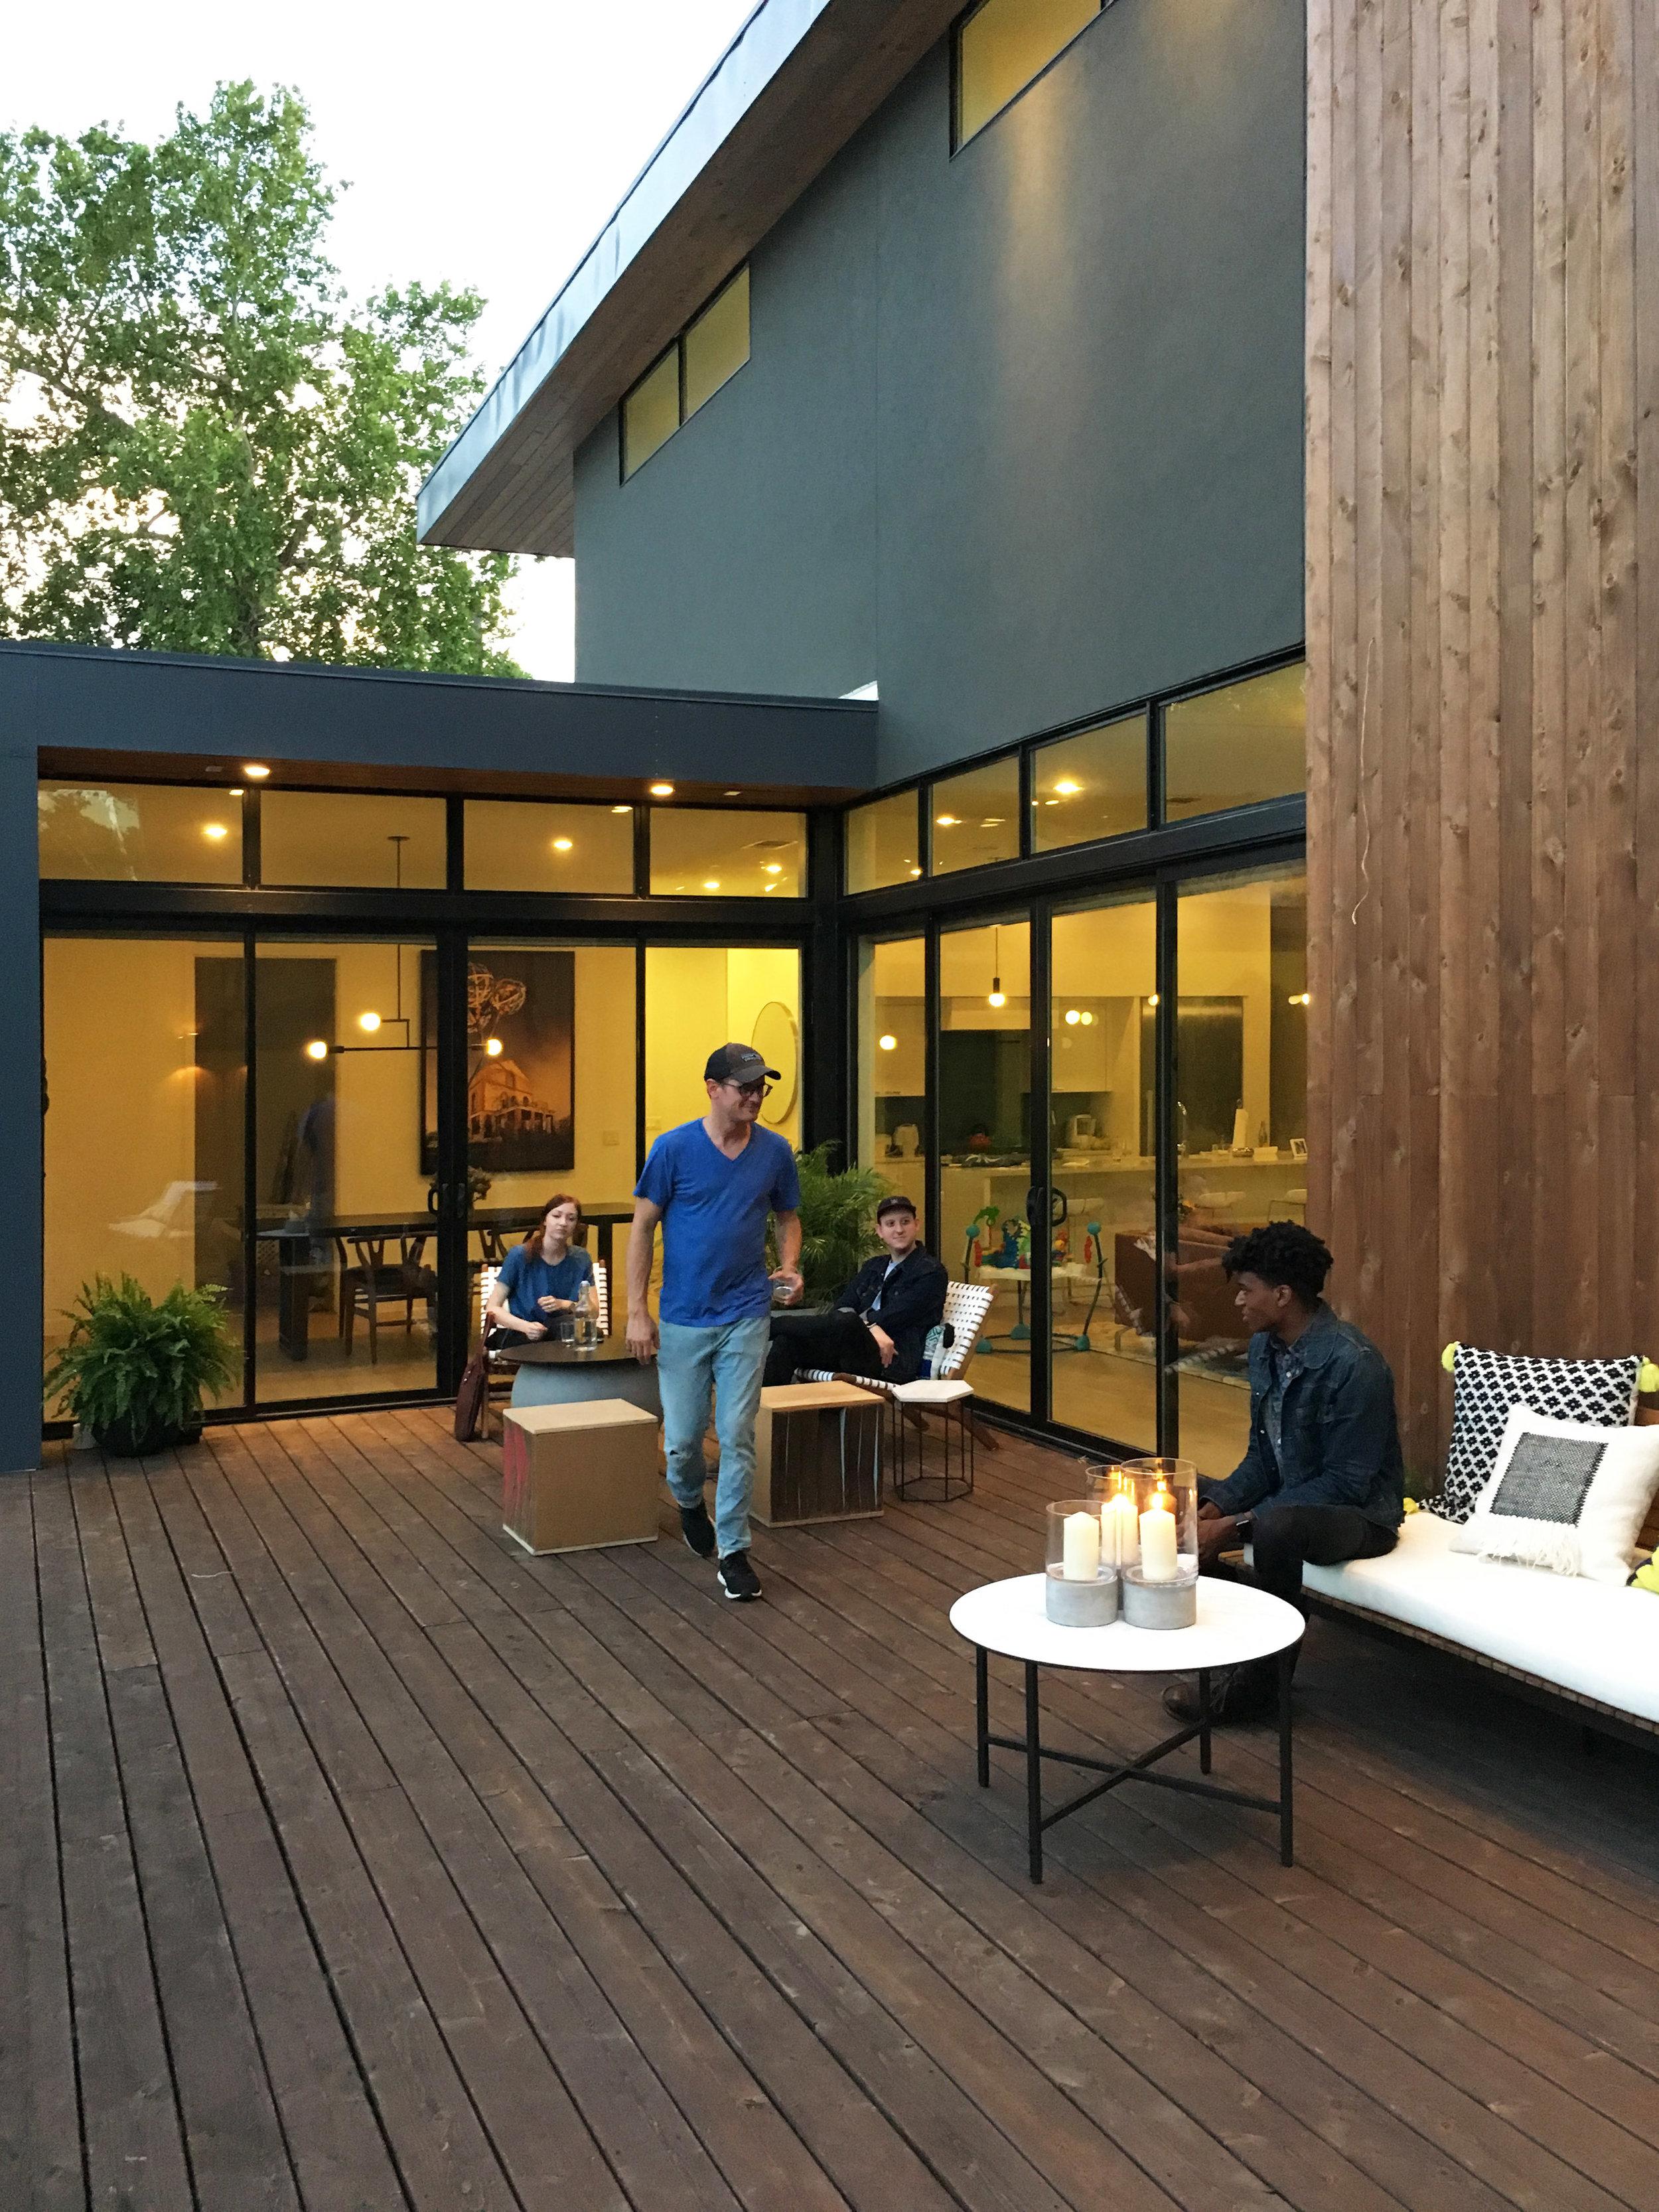 Matt Fajkus Architecture_Add-Subtract House_ Photoshoot 2.jpg